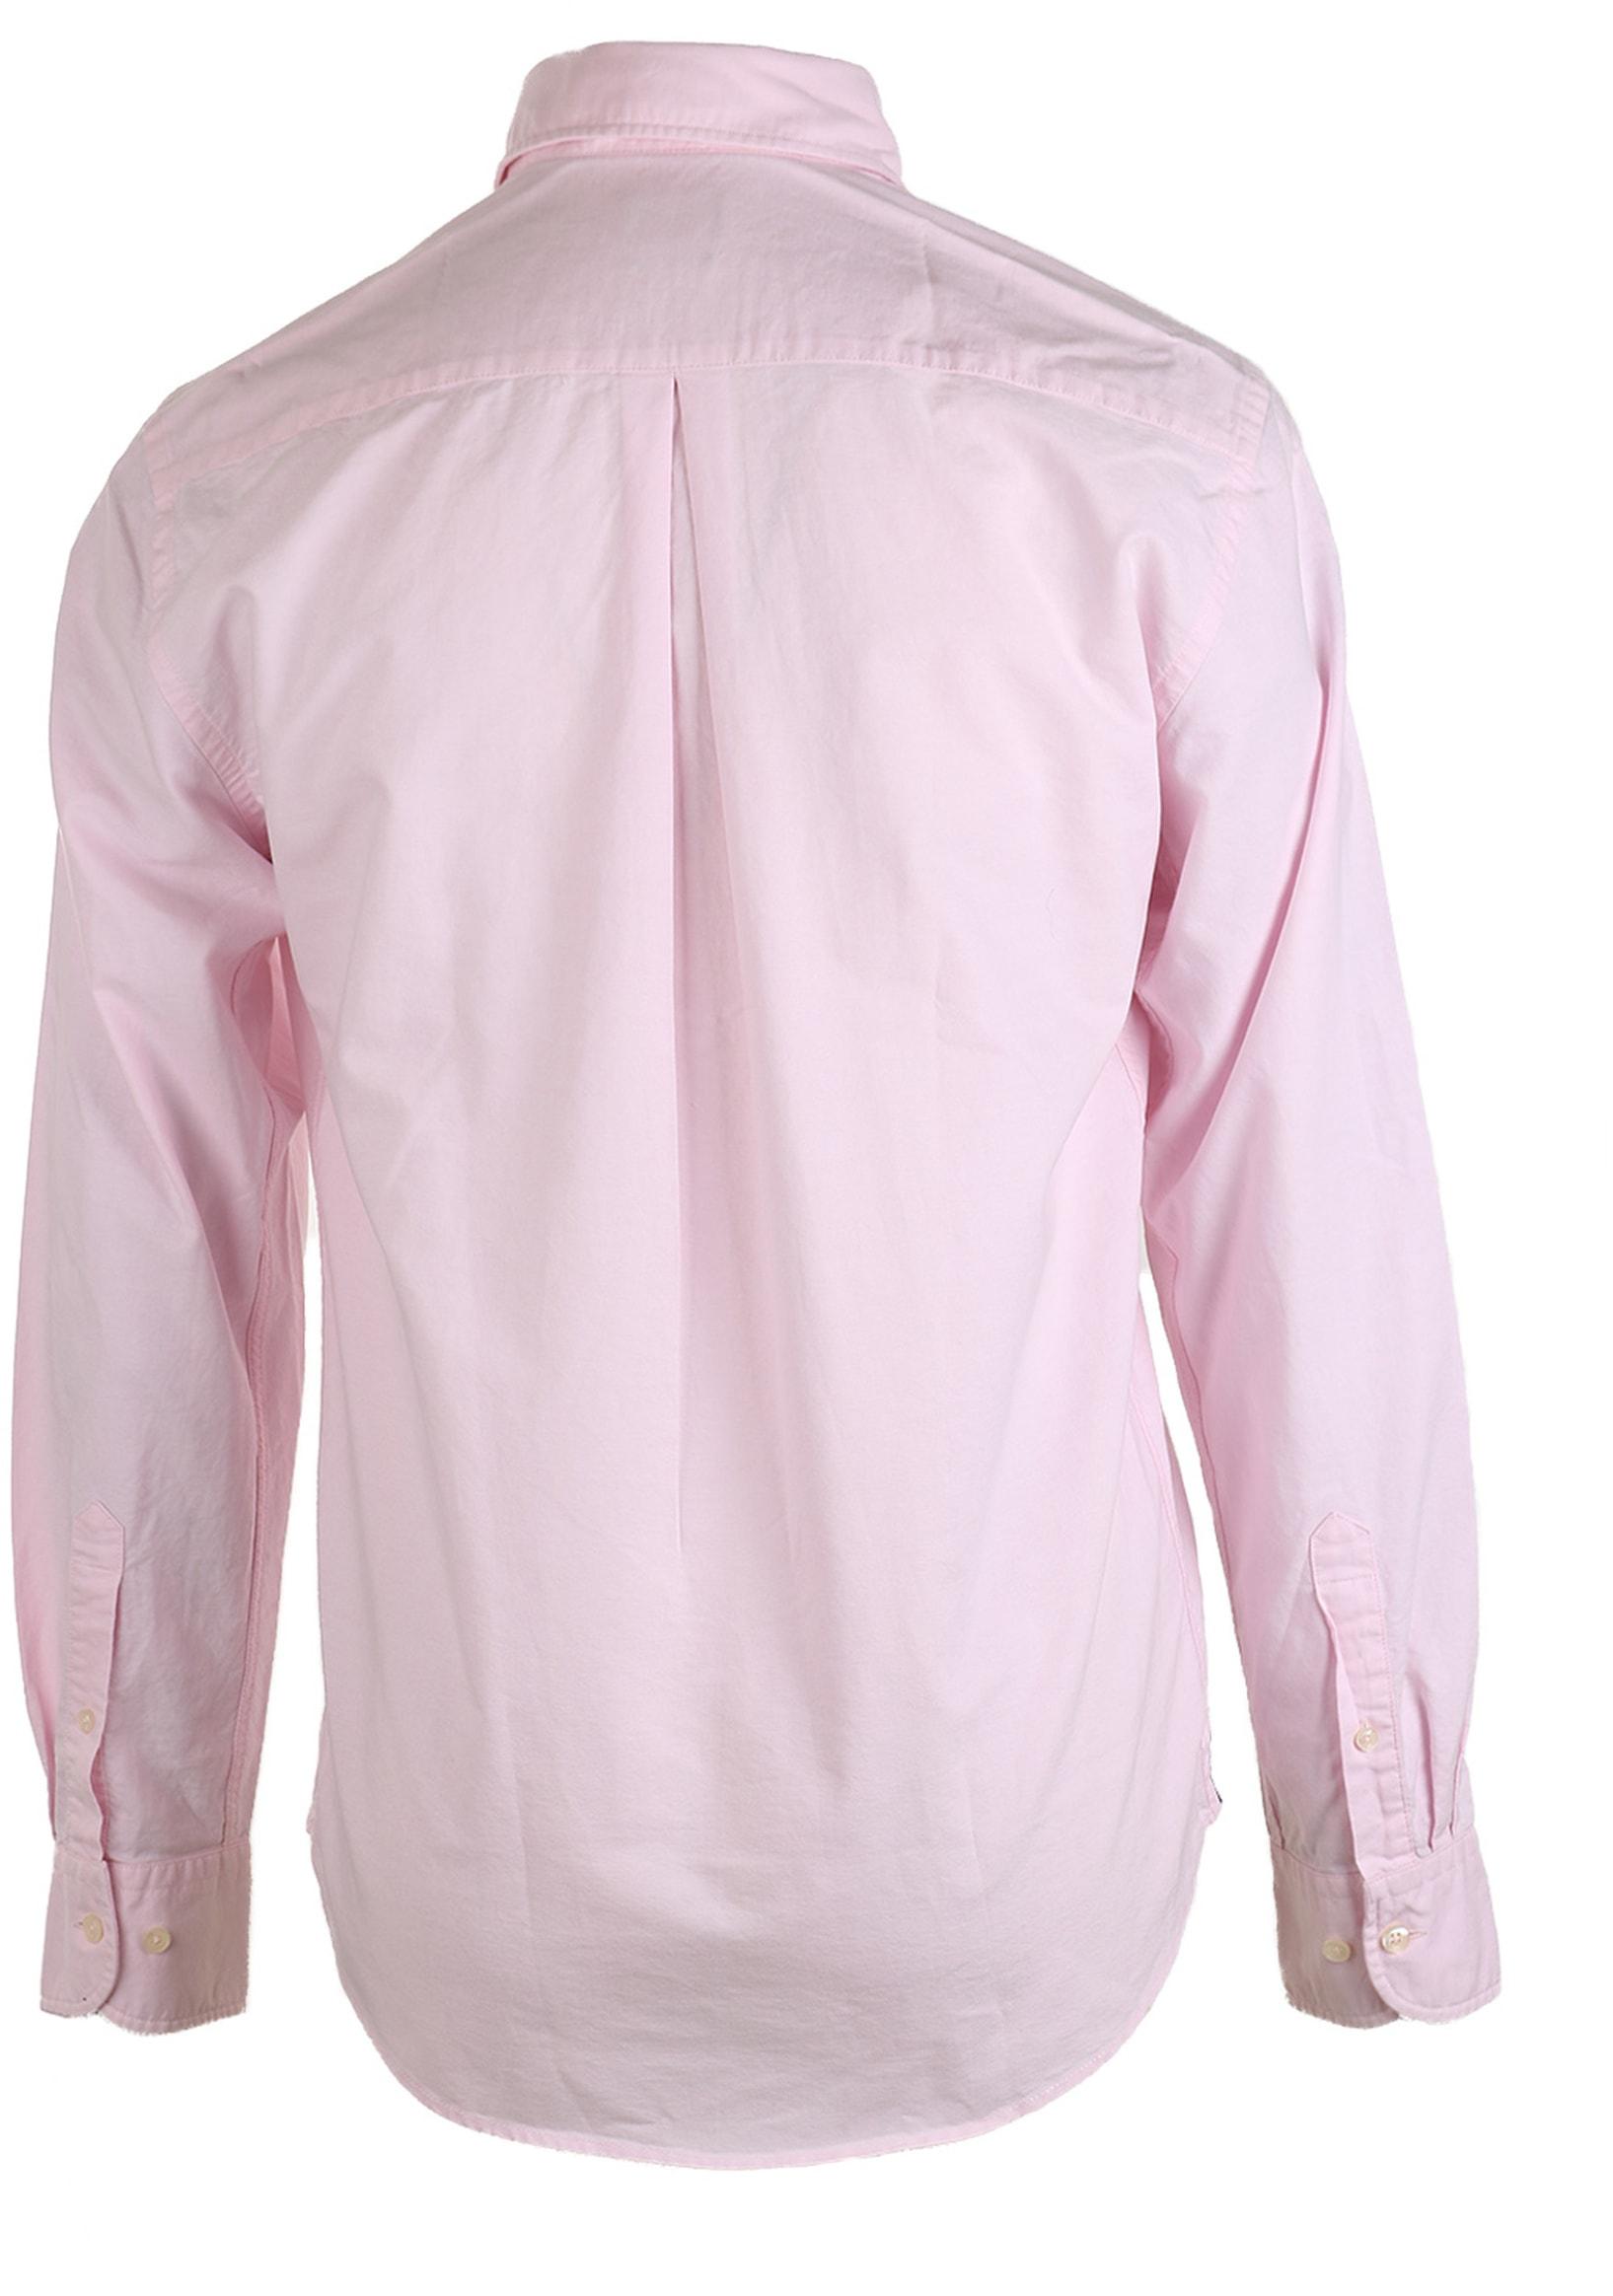 Arrow Overhemd Roze foto 1